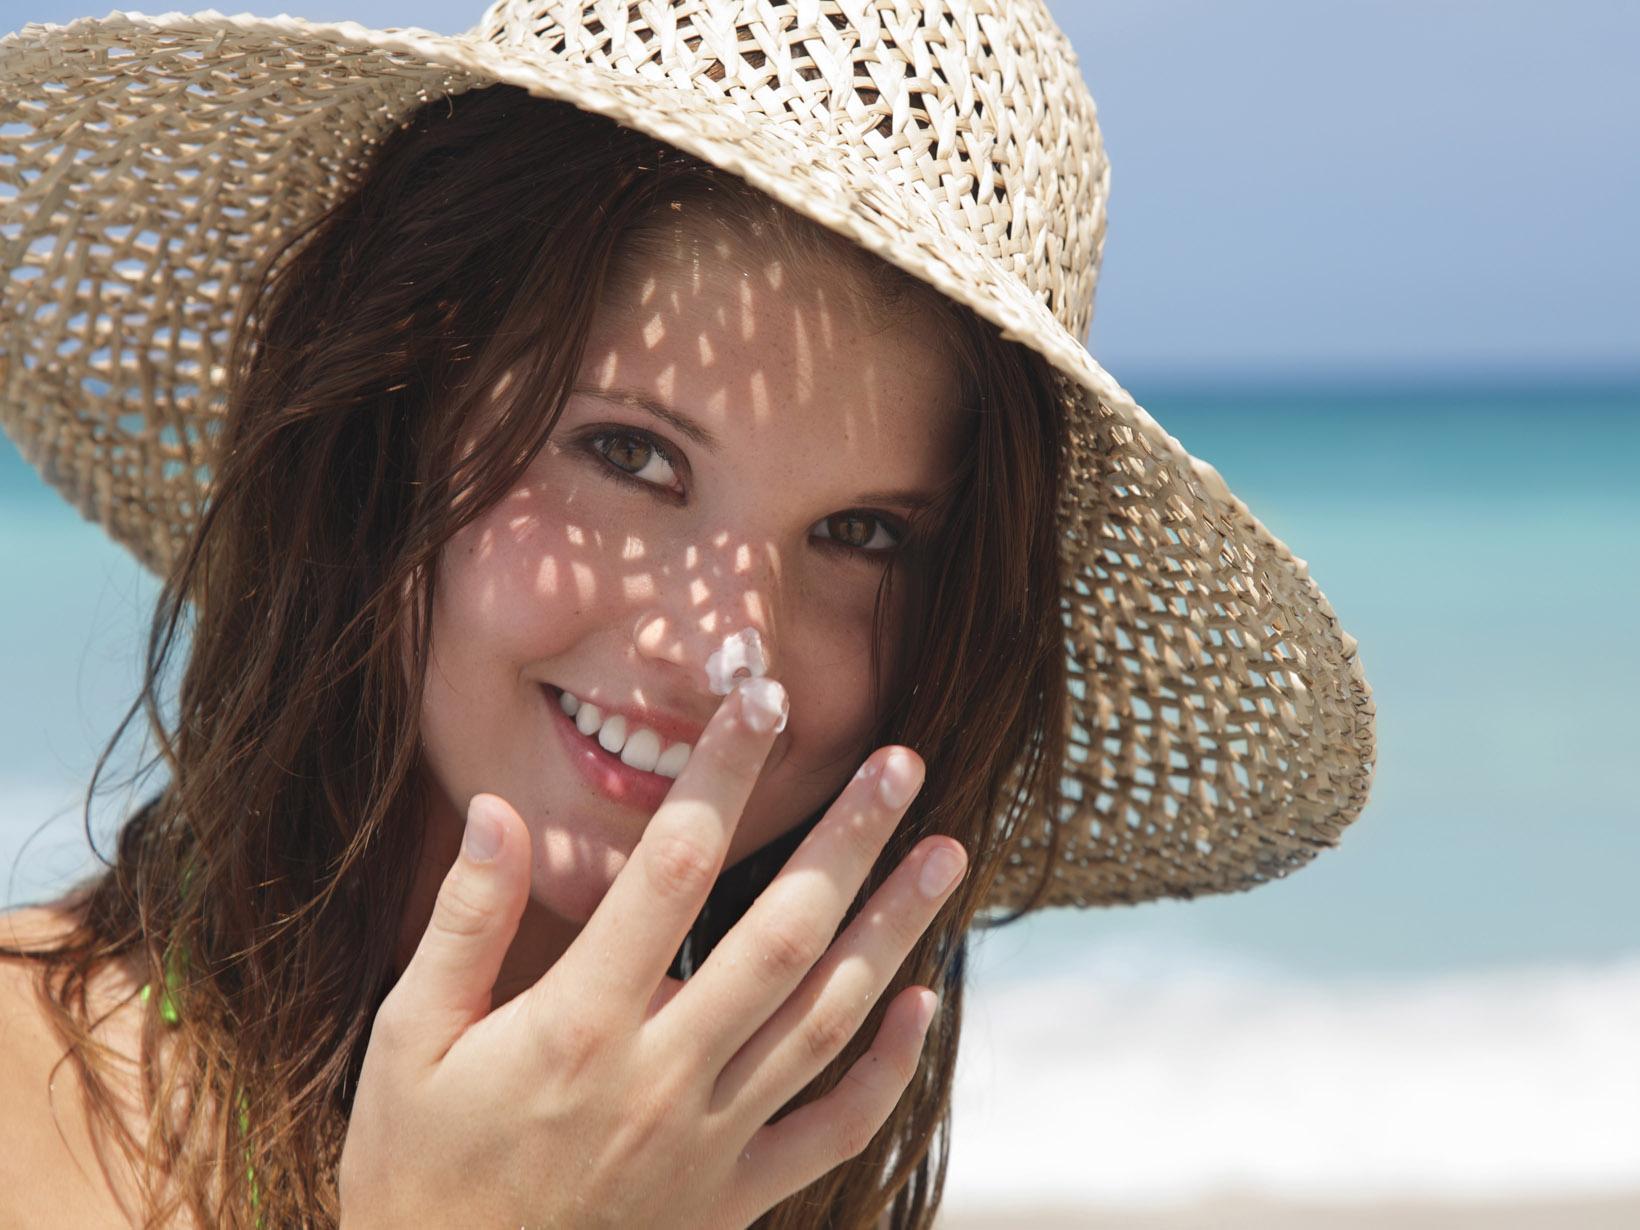 وصفات لحماية بشرتك من أشعة الشمس